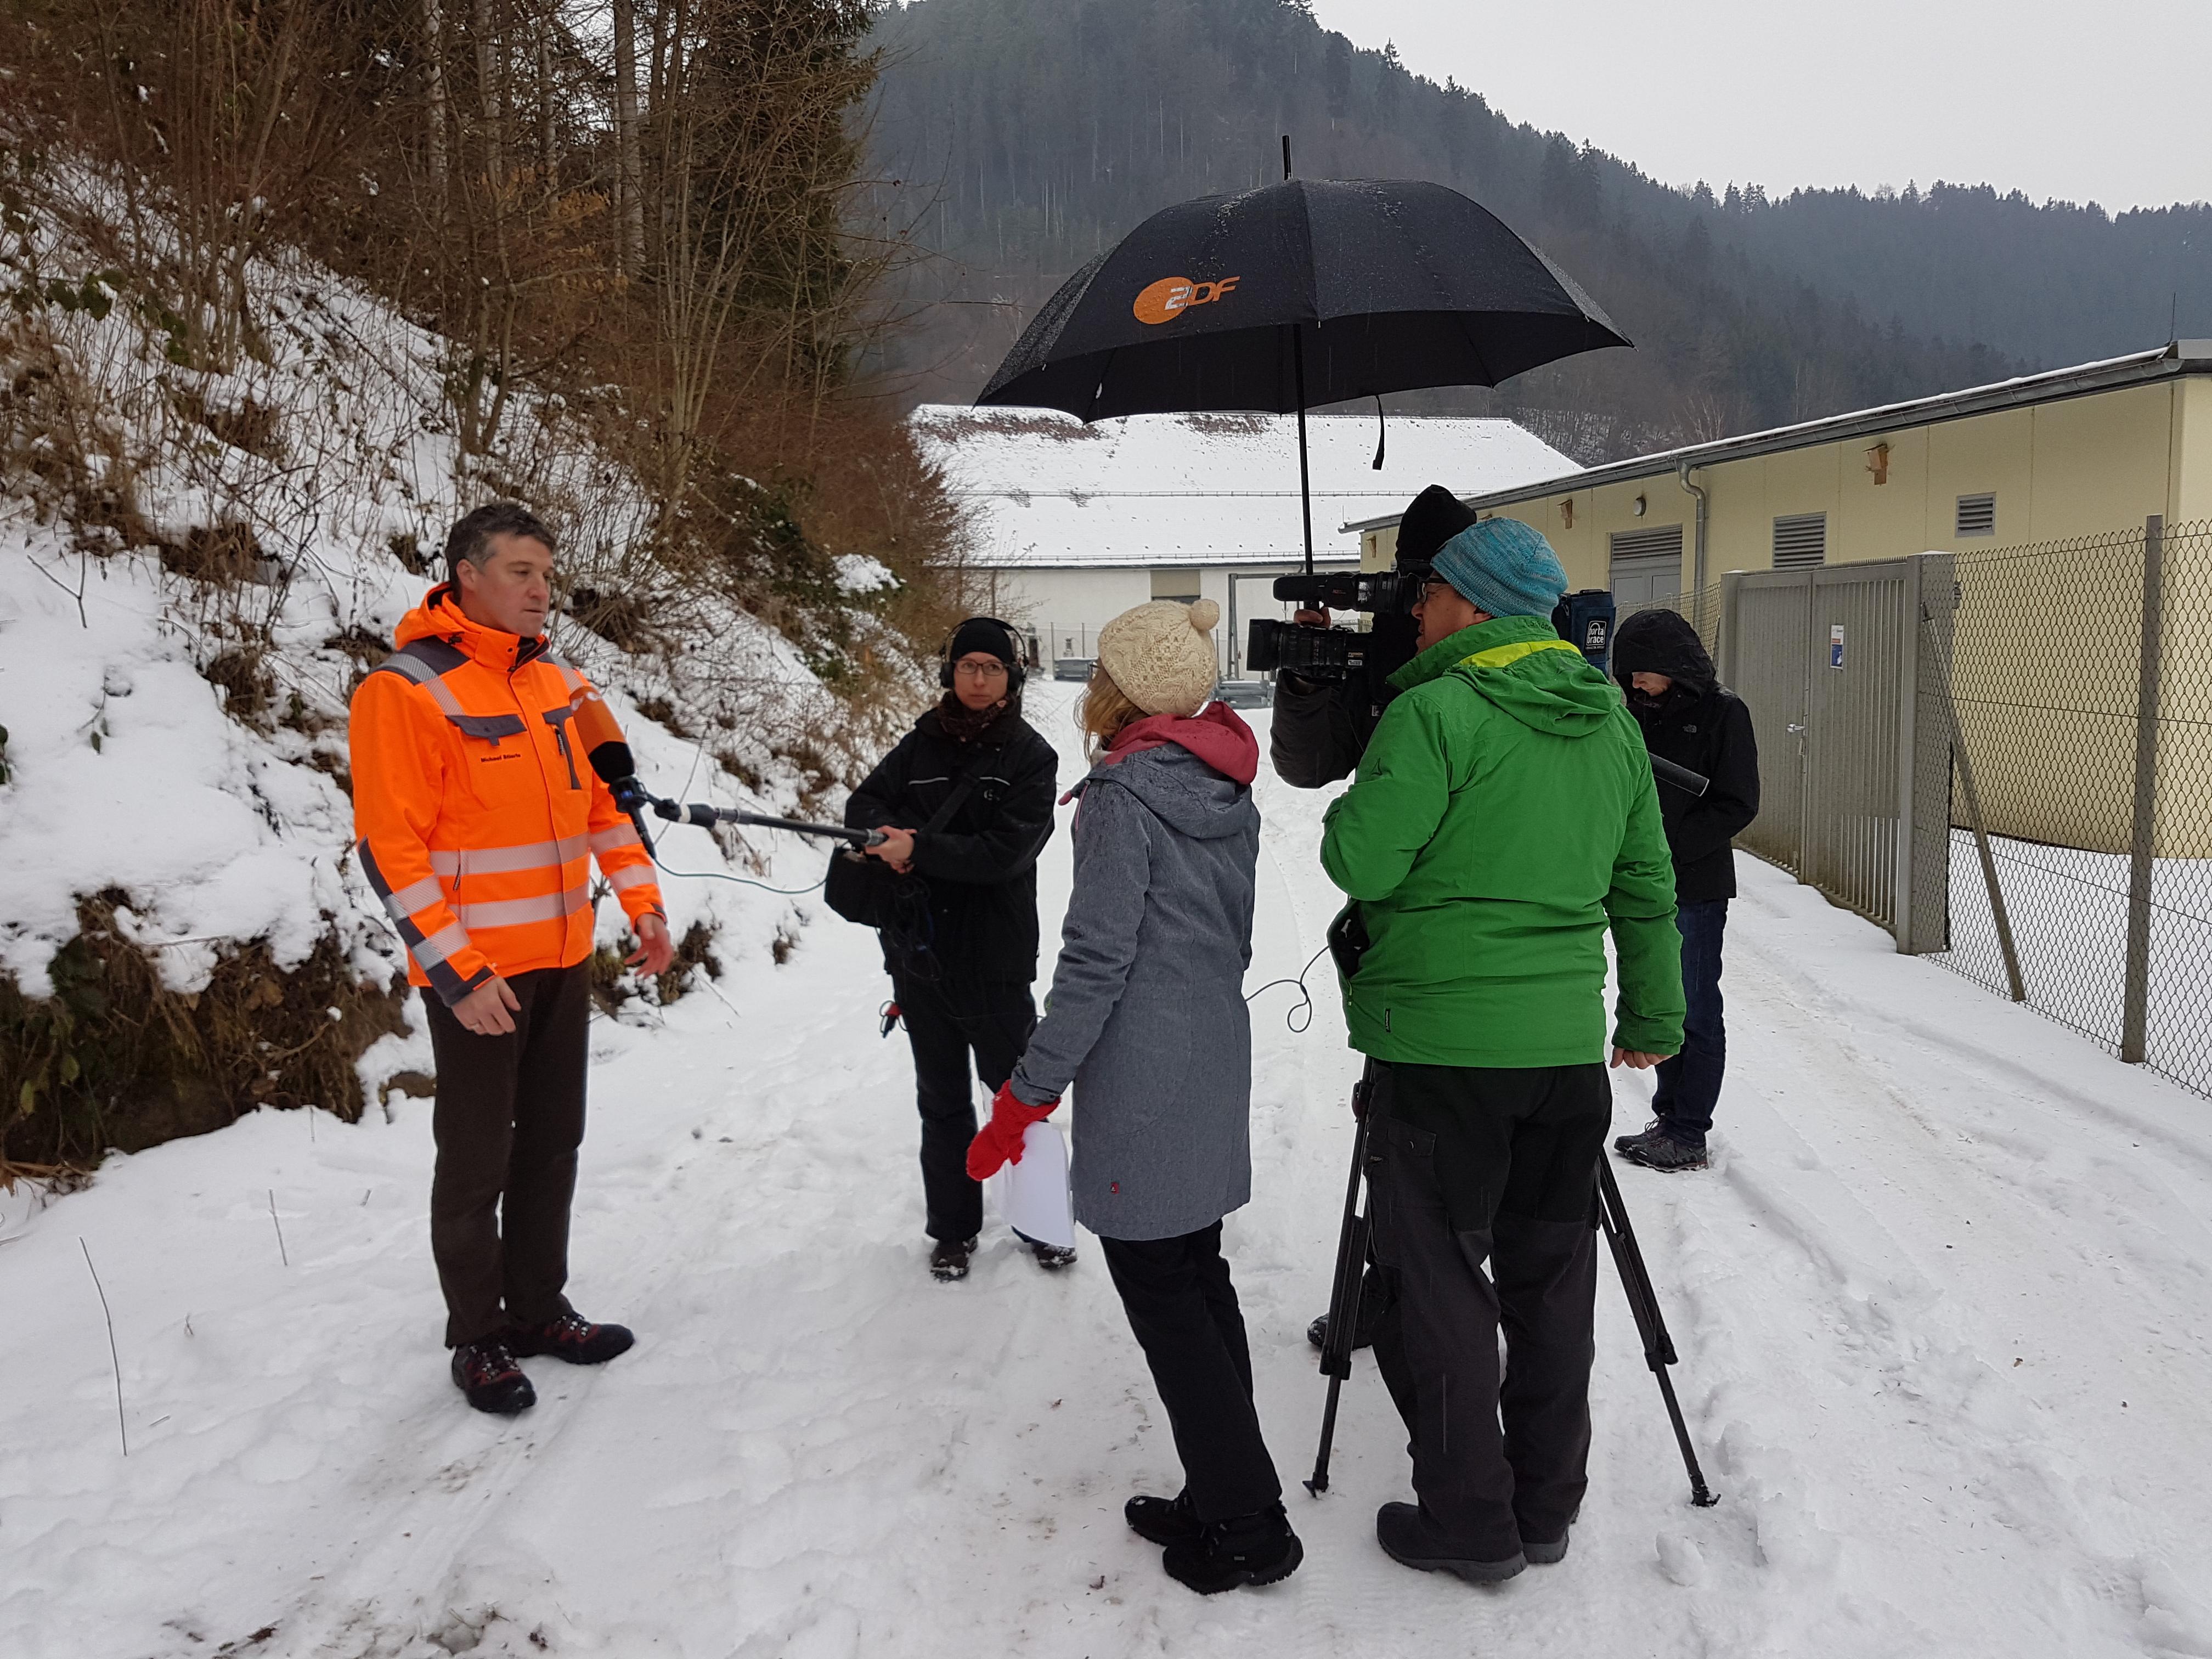 """Am 30.01.2017 fanden die Dreharbeiten für den Beitrag zur Hermann-Hesse-Bahn im Rahmen des ZDF-Mittagsmagazins """"drehscheibe"""" statt."""